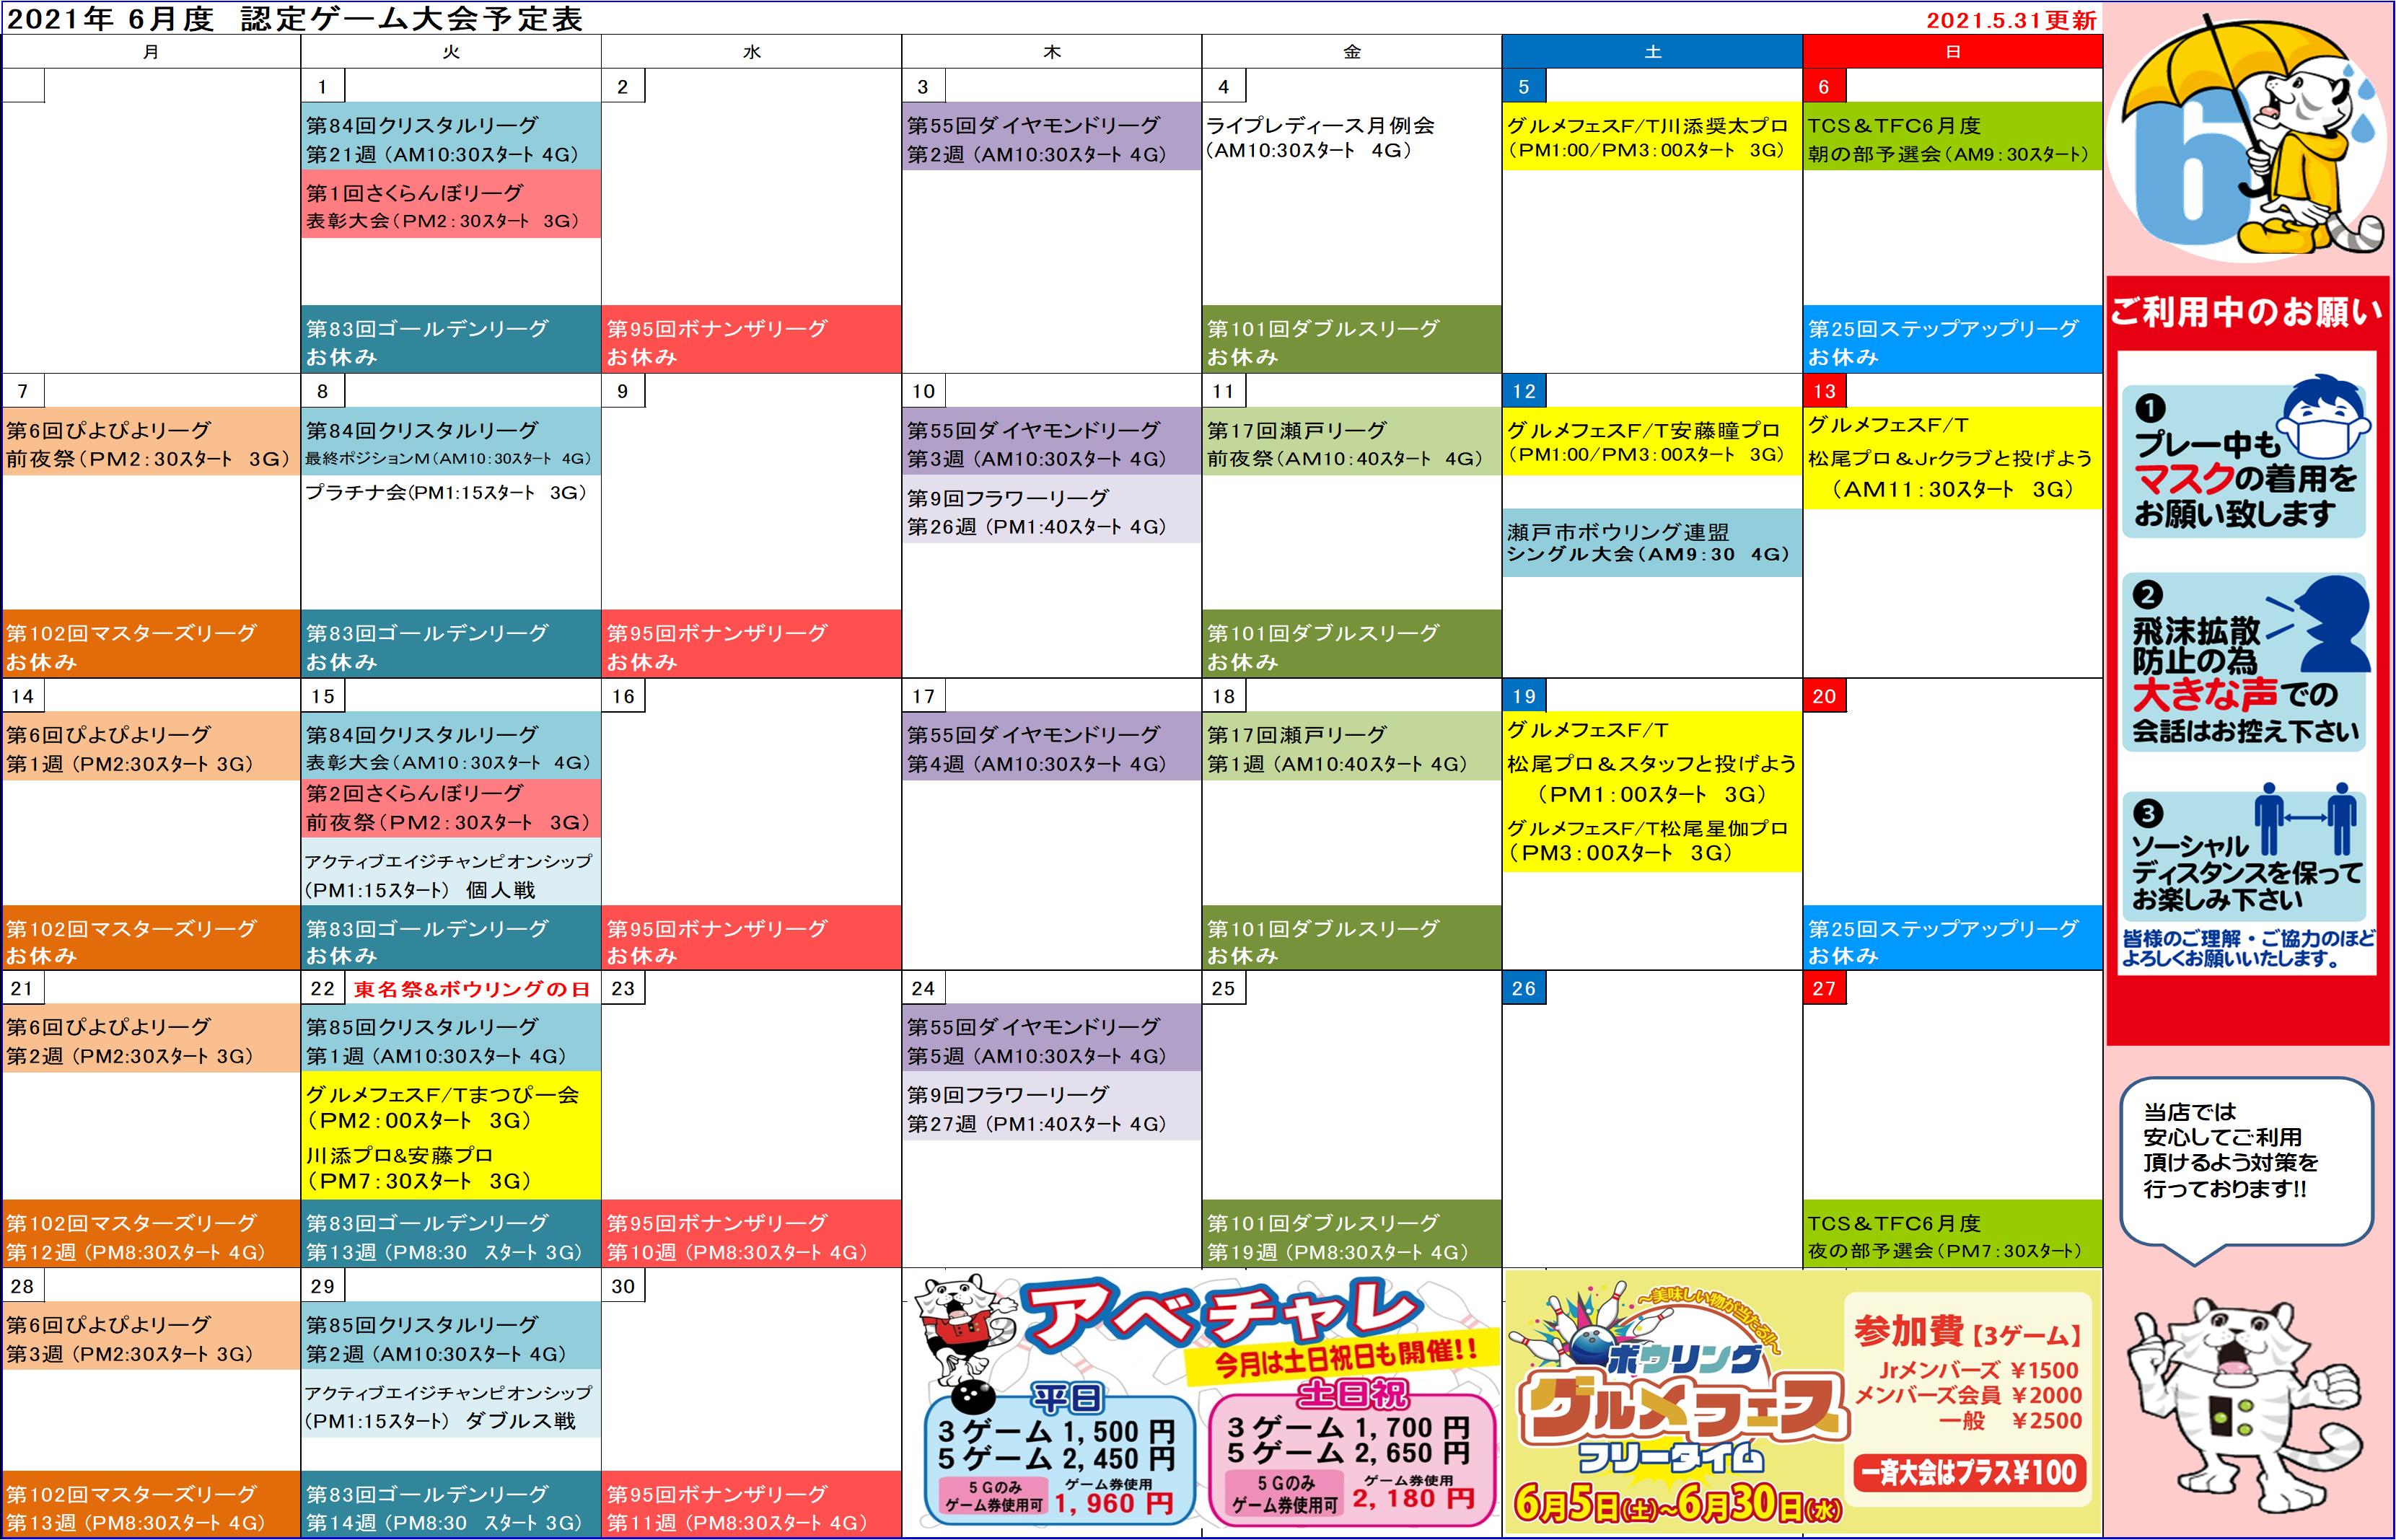 ★会員様向け6月認定ゲーム大会予定表